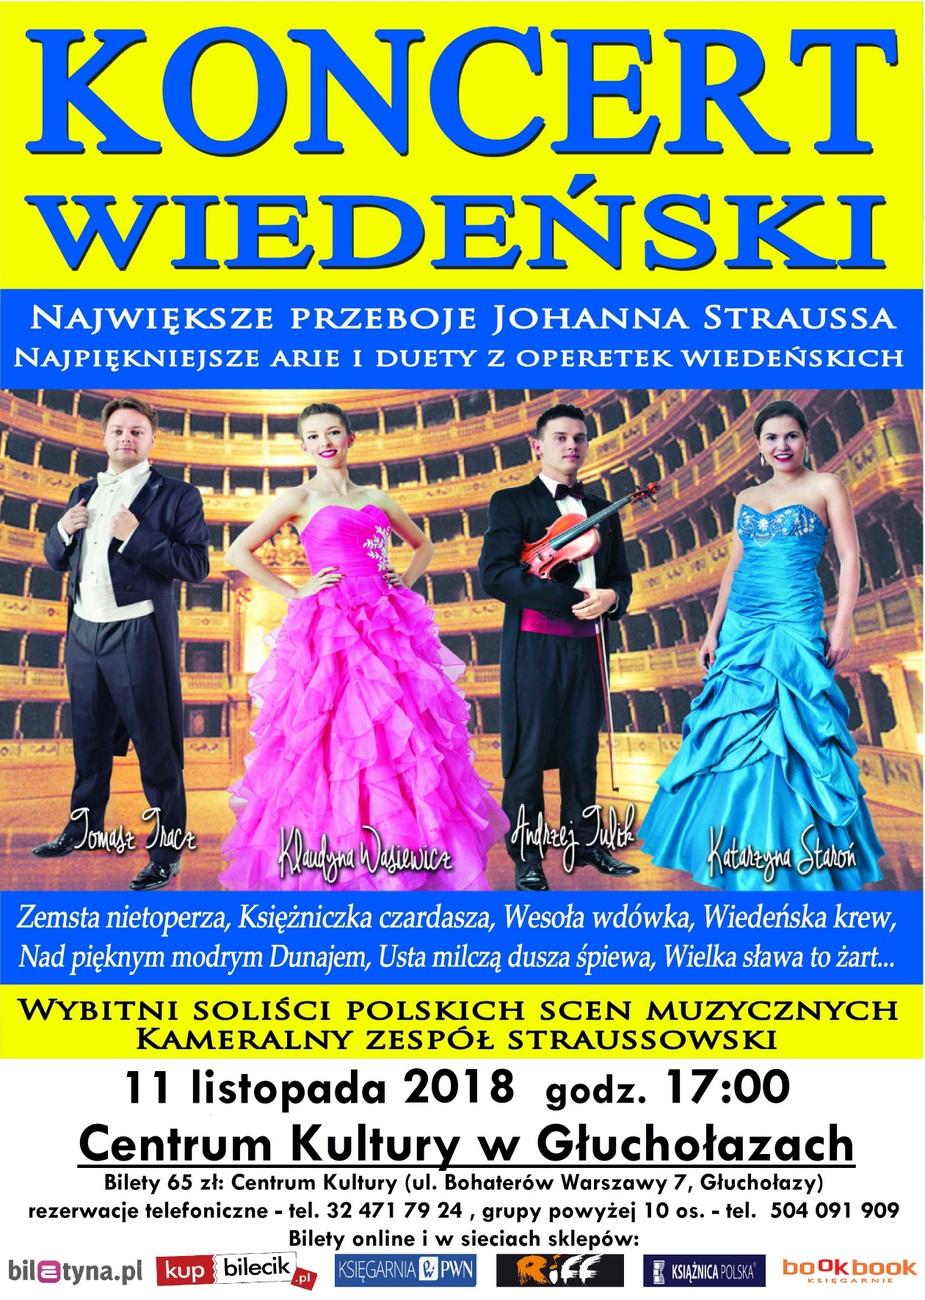 Koncert Wiedeński w Głuchołazach już 11 listopada – poznaj szczegóły! [materiały organizatora]